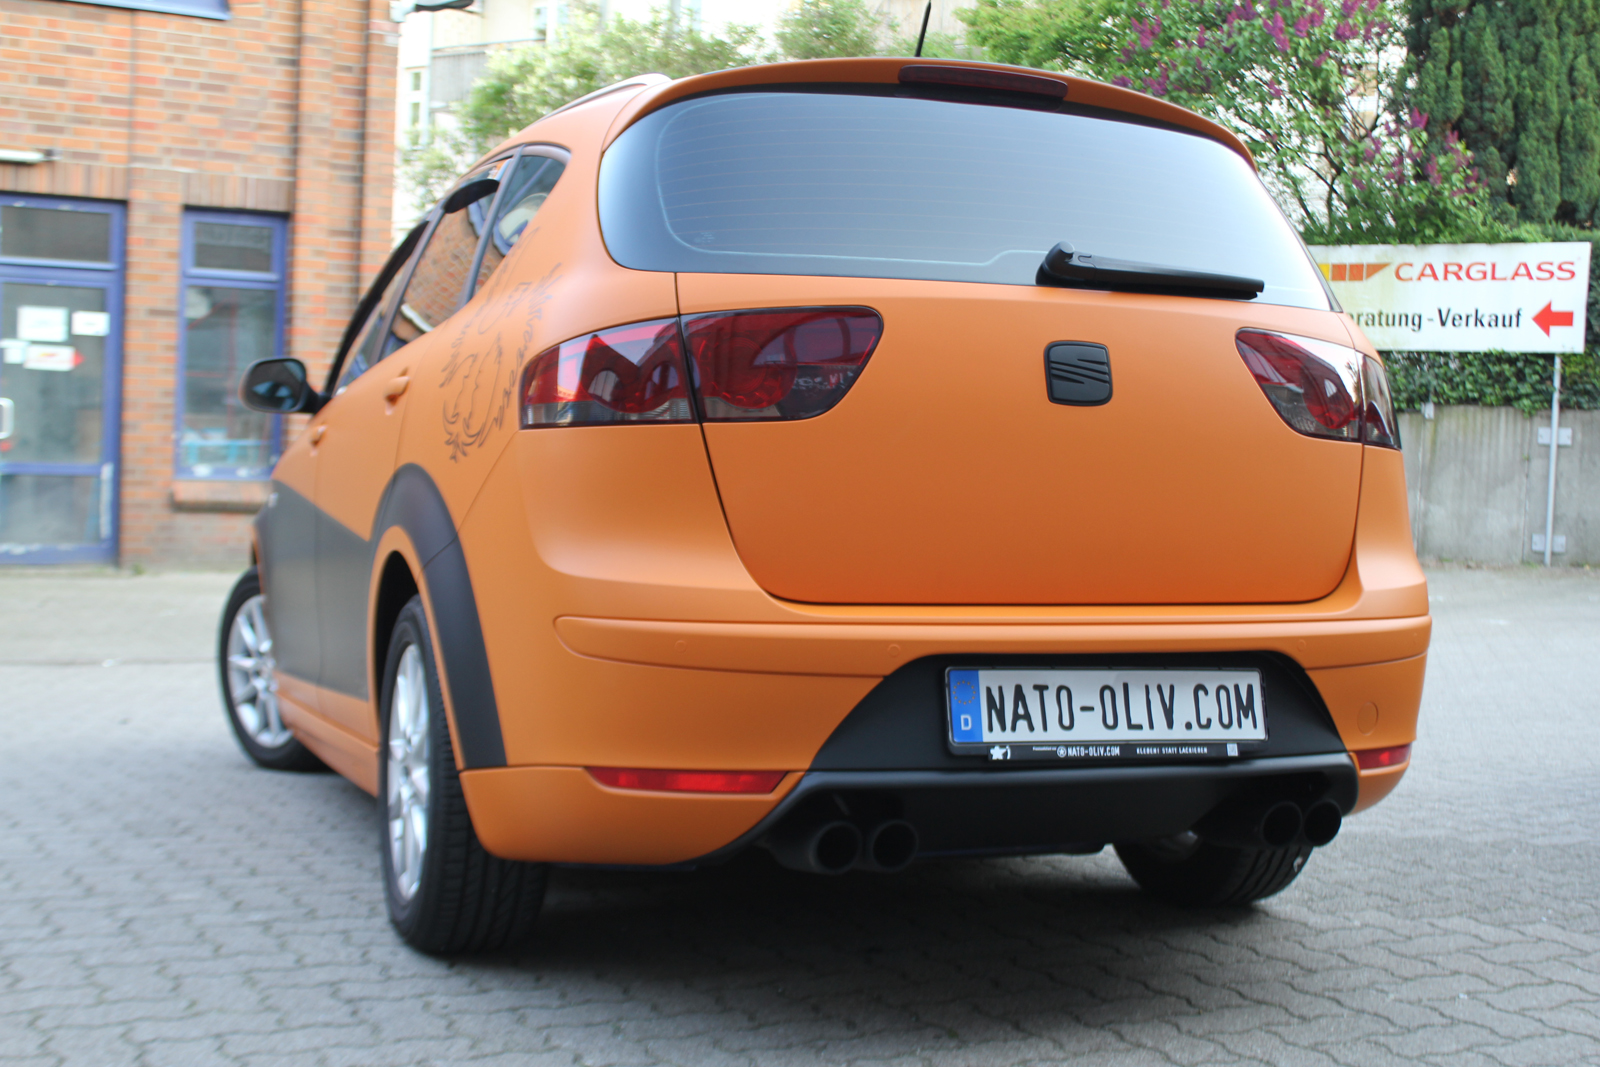 schraege Heckansicht des Seat Altea XL in orange matt und schwarz matt mit Folie beklebt